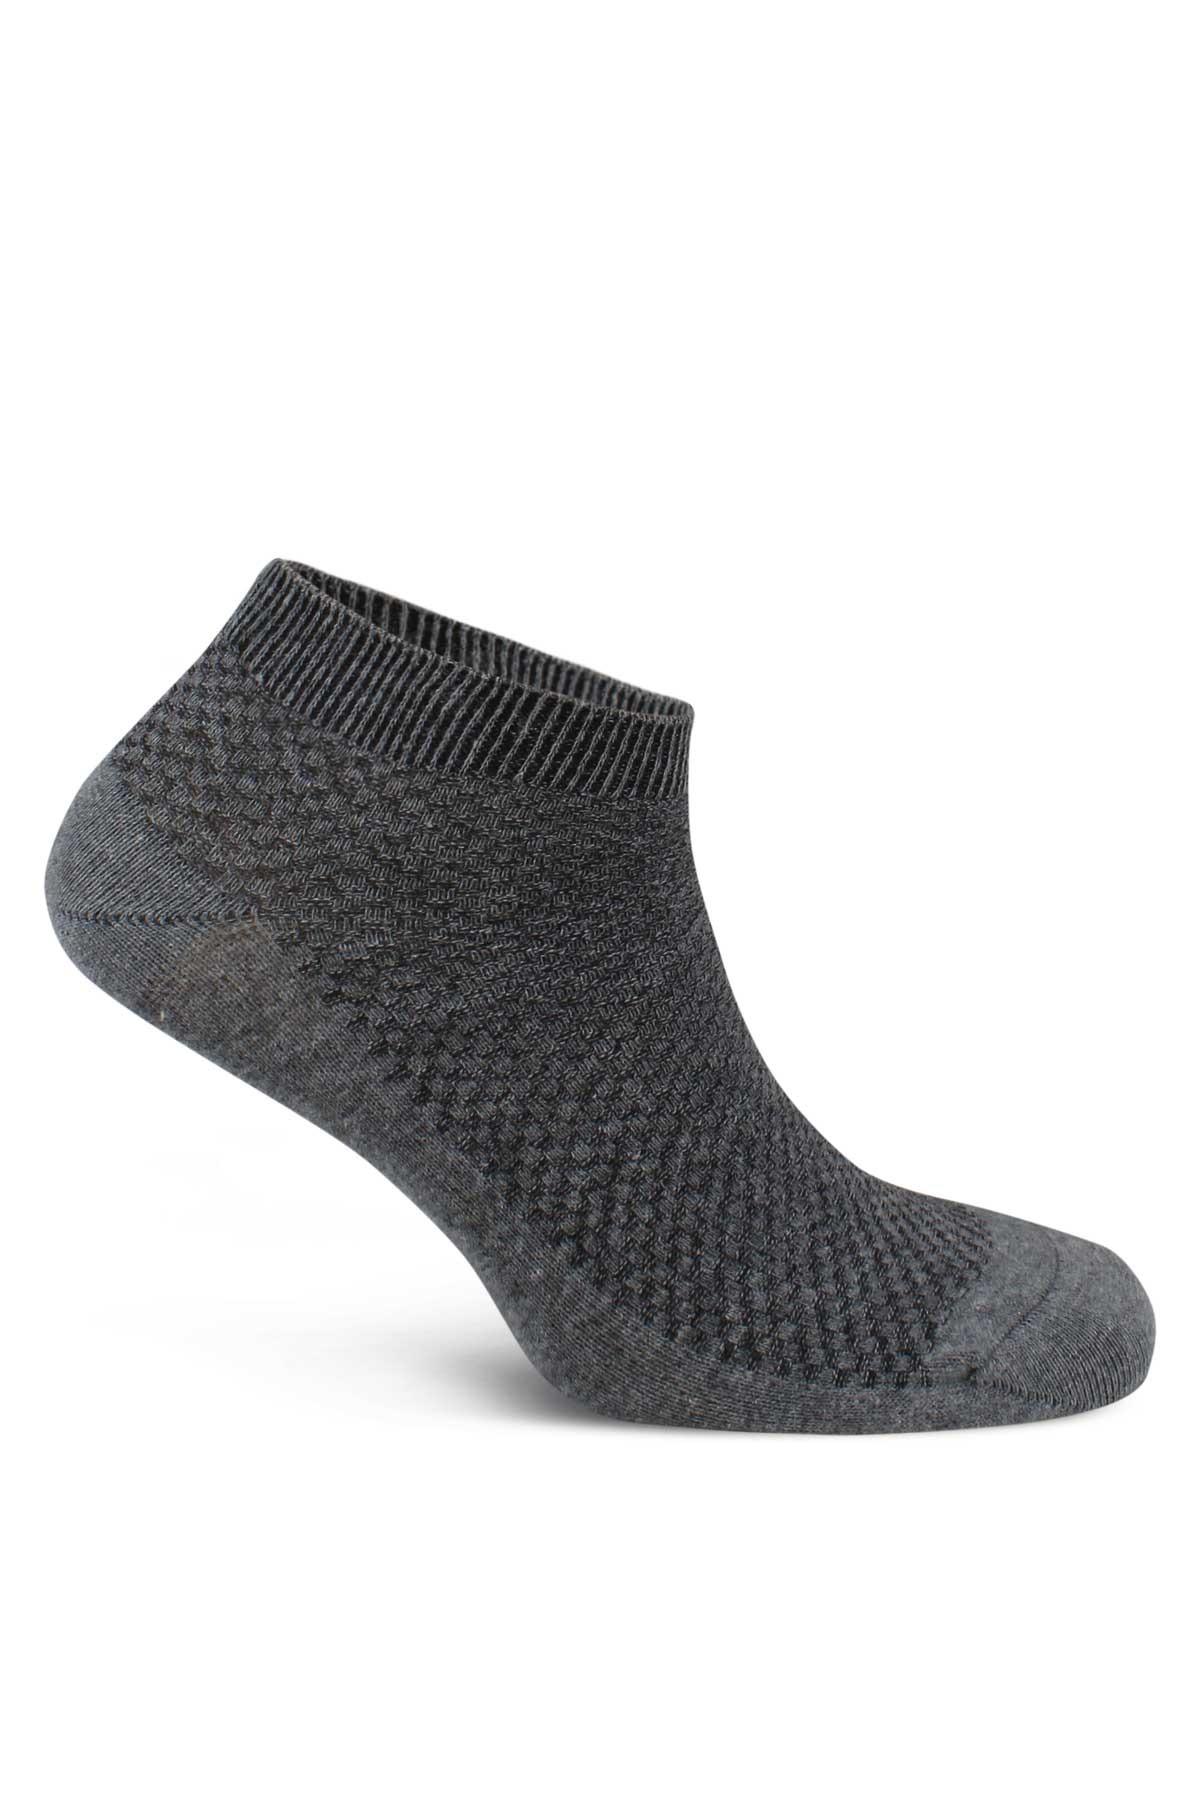 Aytuğ Erkek Patik Çorap Pamuklu - Thumbnail